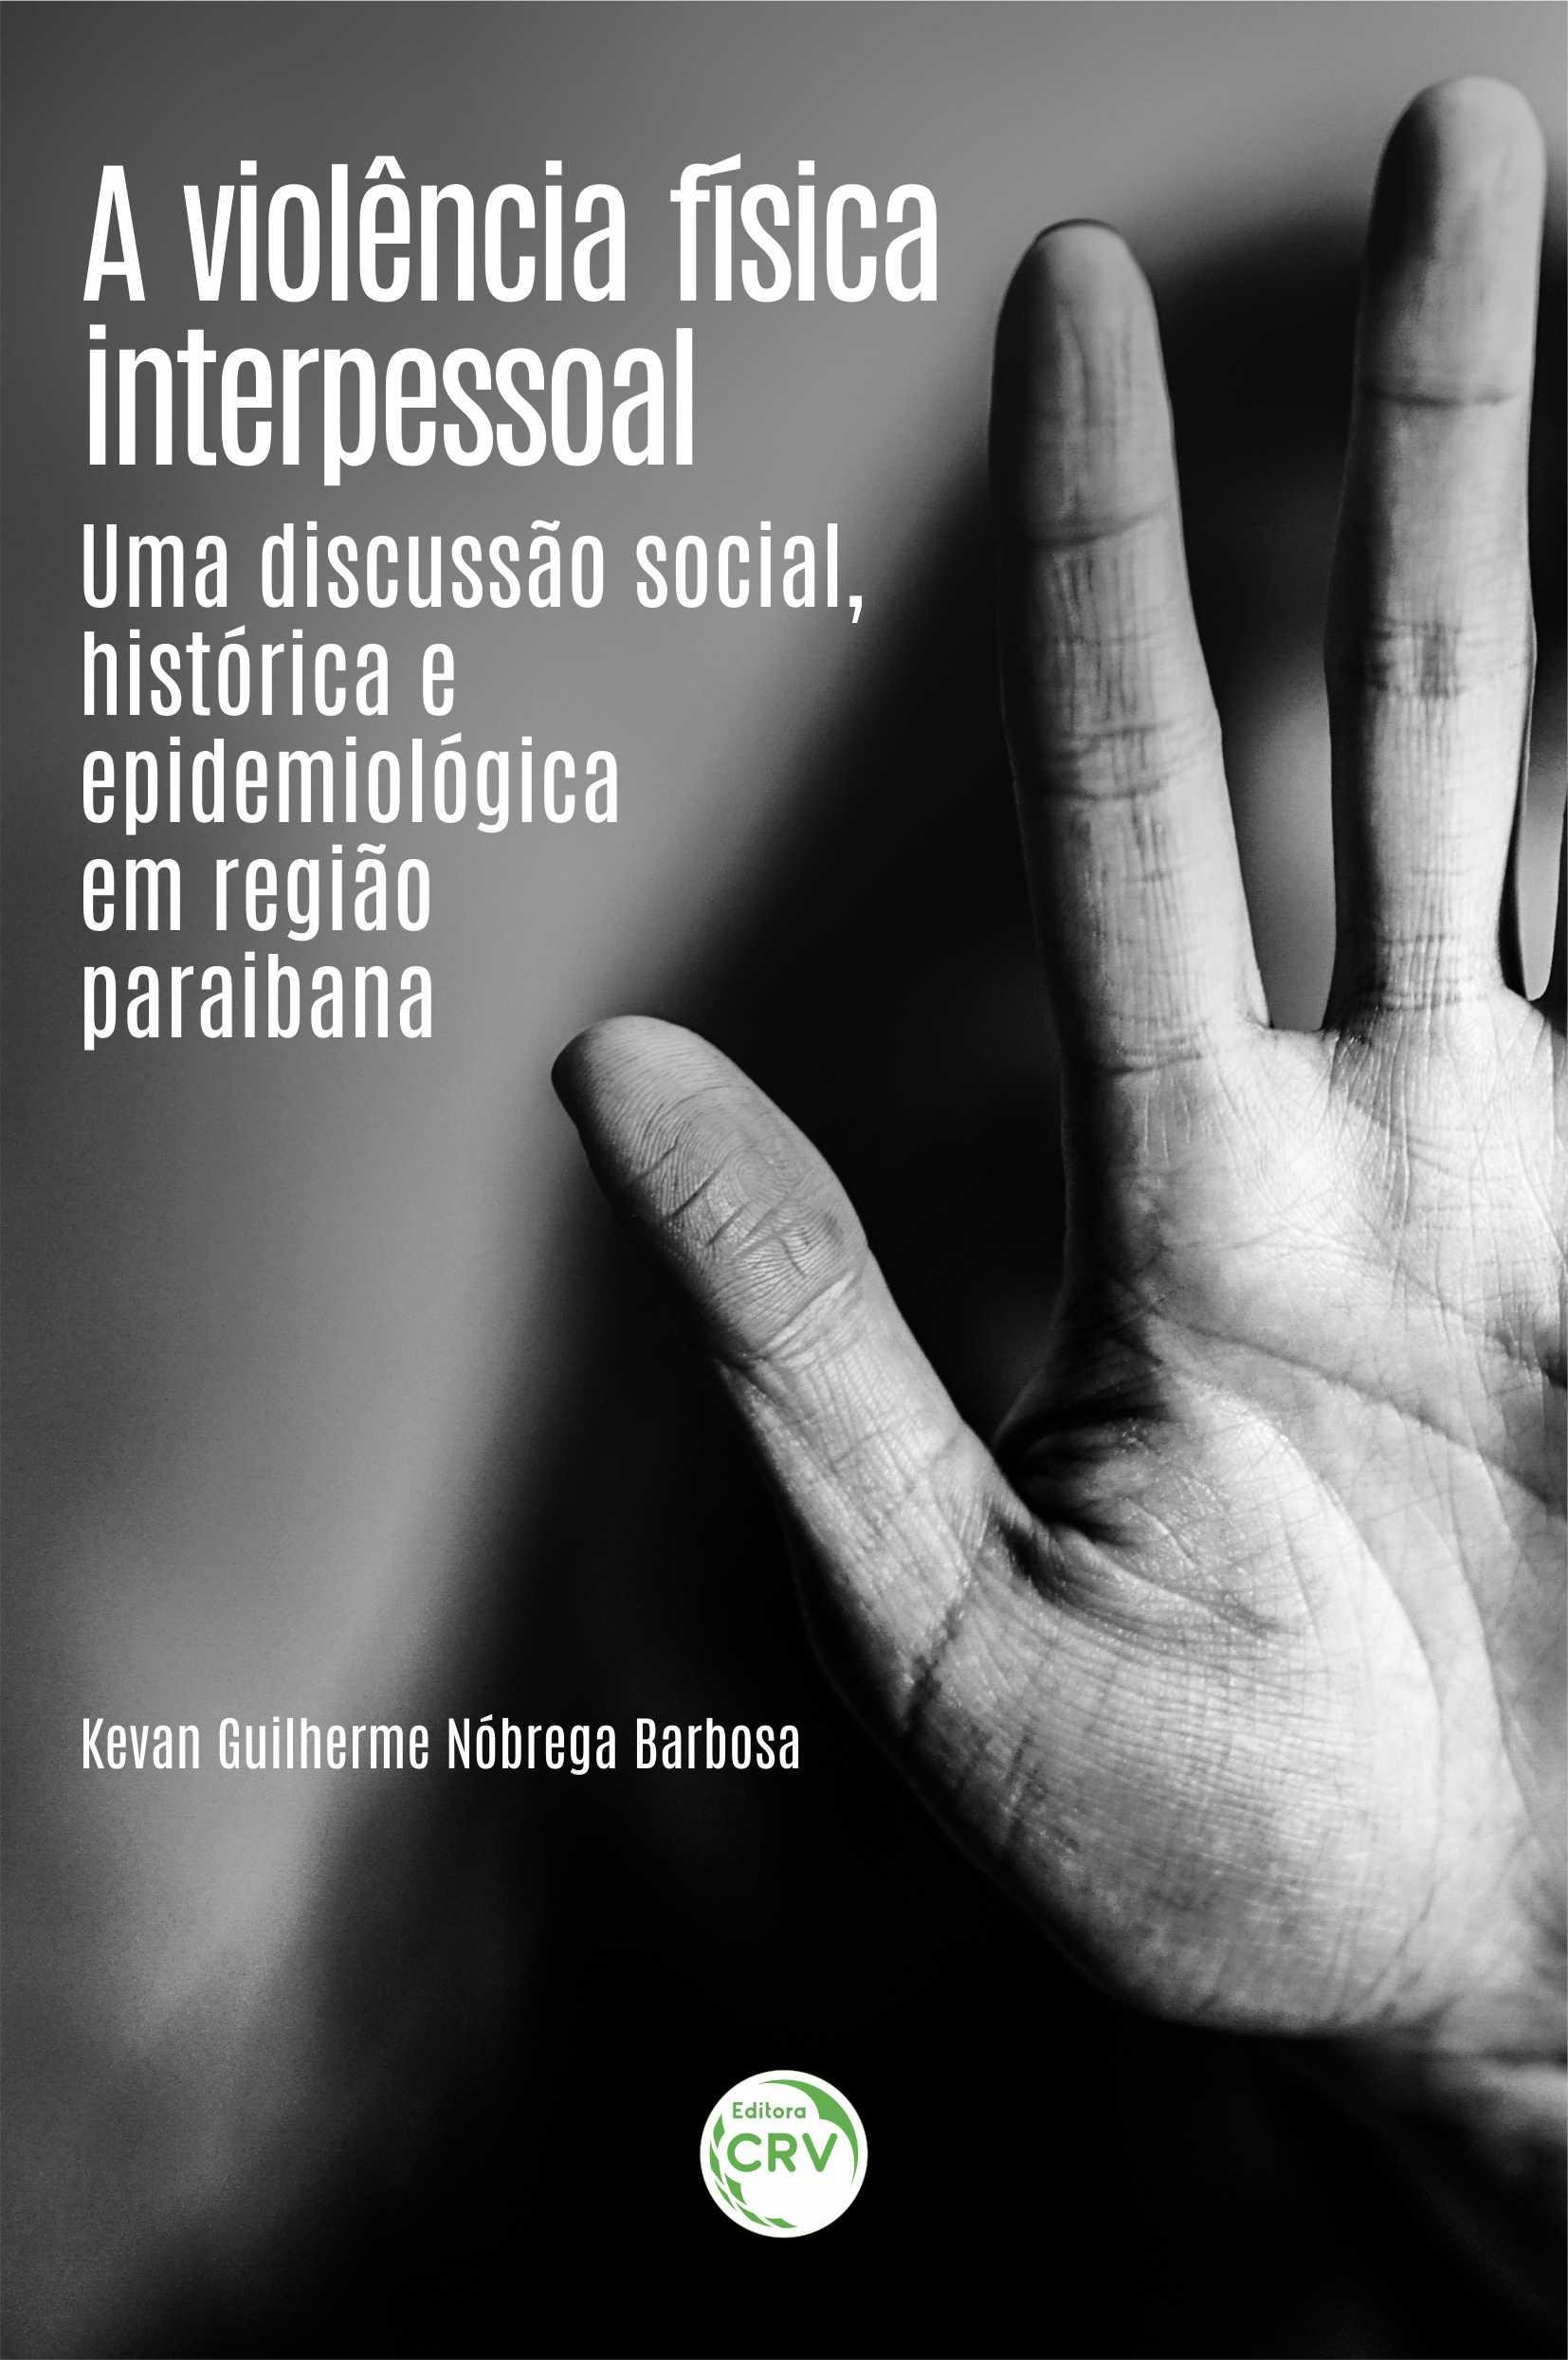 Capa do livro: A VIOLÊNCIA FÍSICA INTERPESSOAL: <br>uma discussão social, histórica e epidemiológica em região paraibana